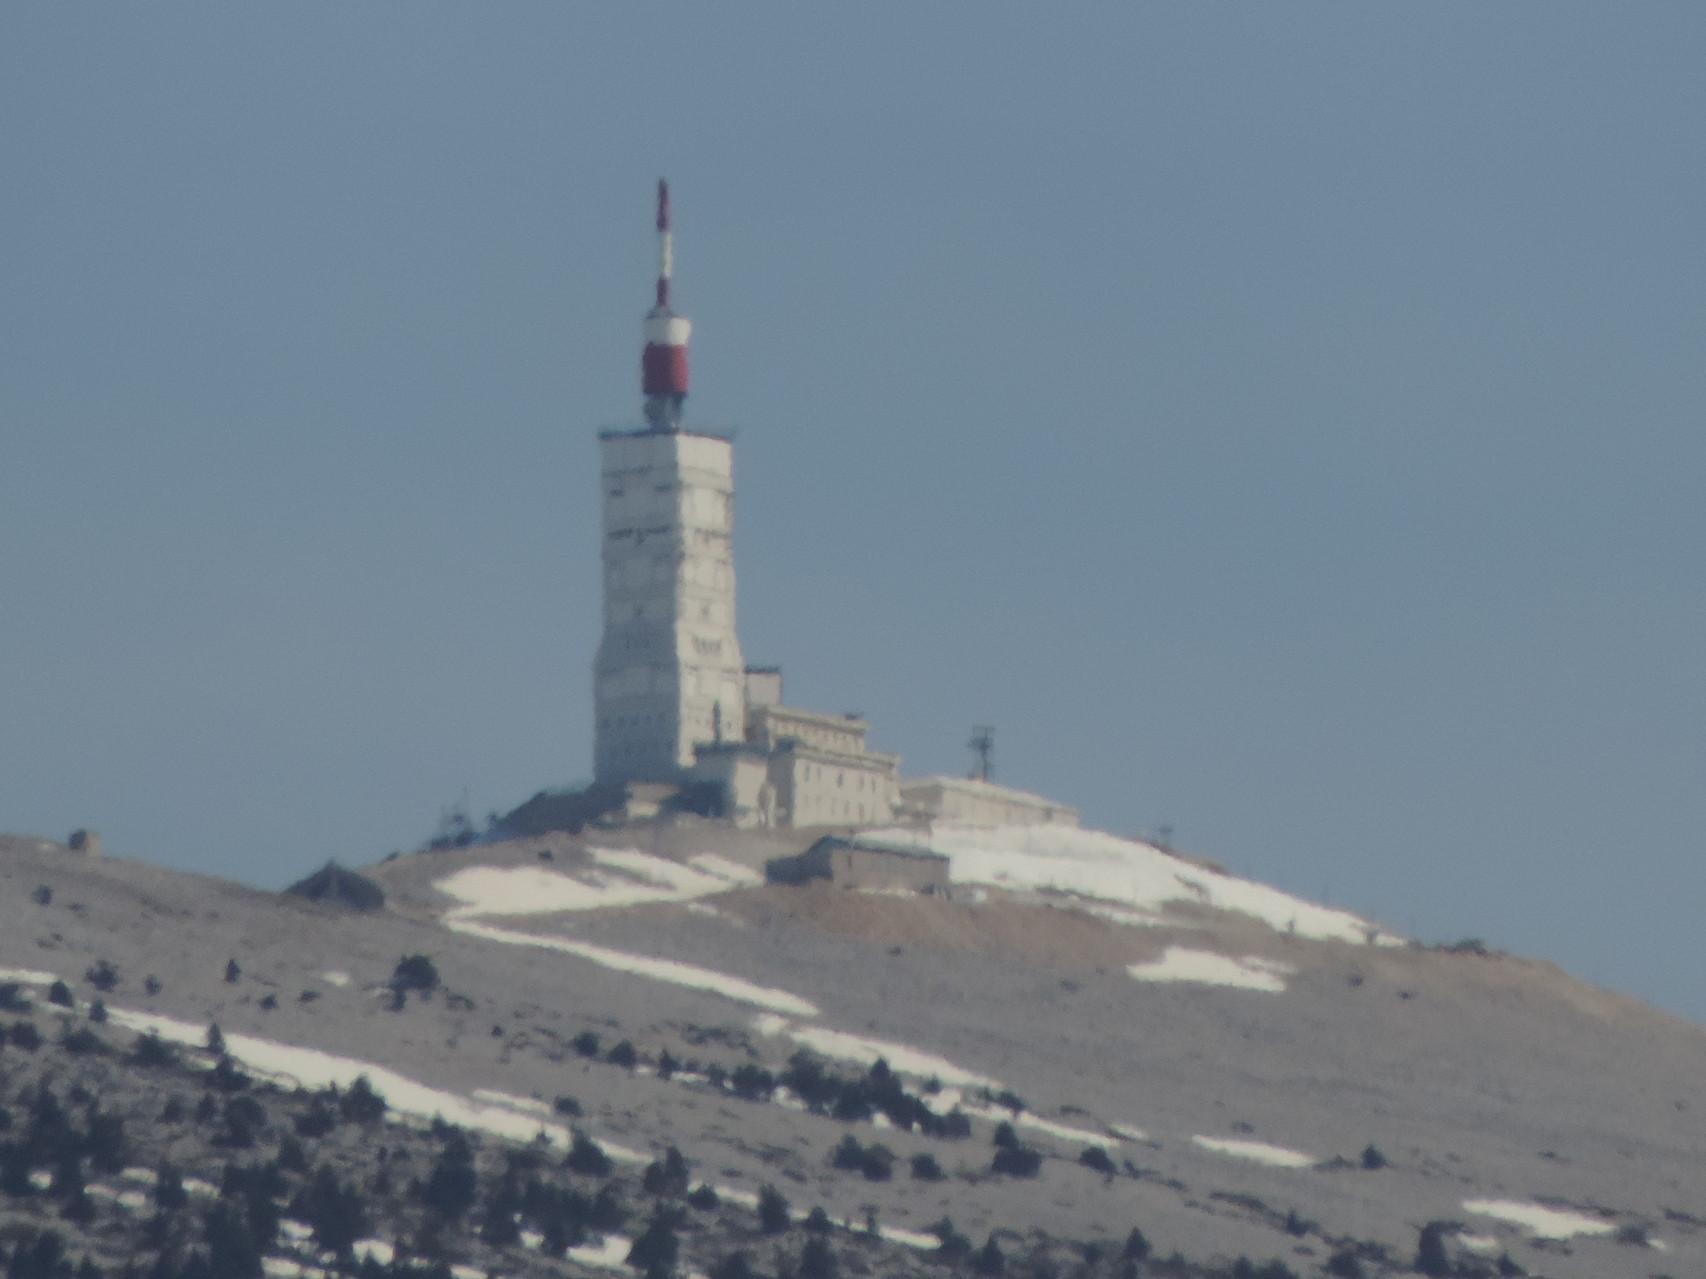 Mont Ventoux, Crillon le Brave, jas du Ventoux